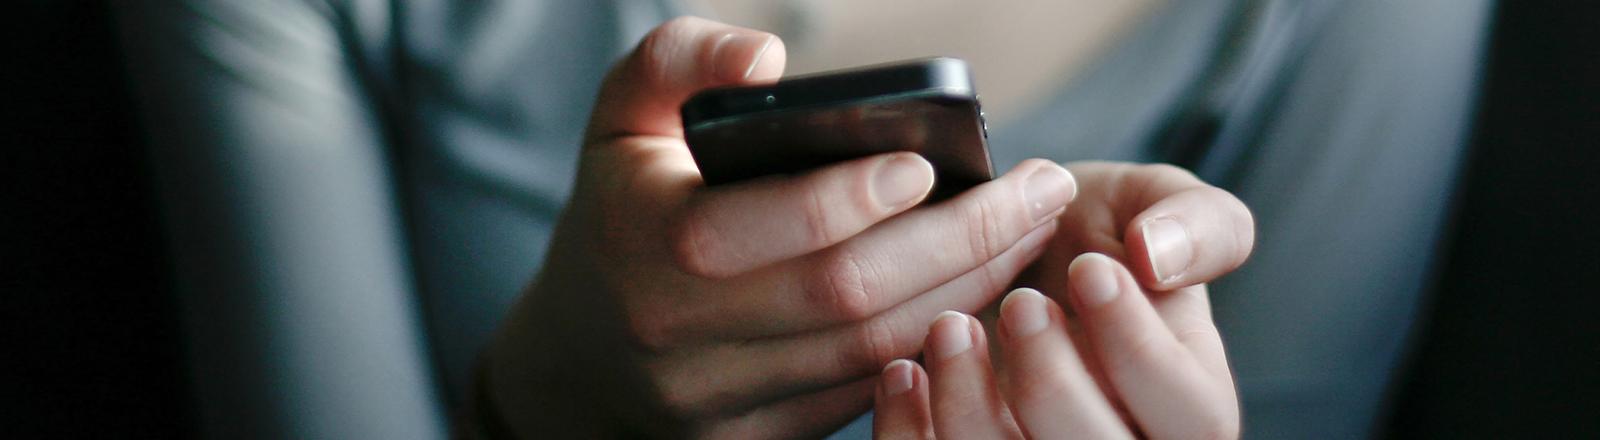 Junge Frau mit Smartphone in der Hand